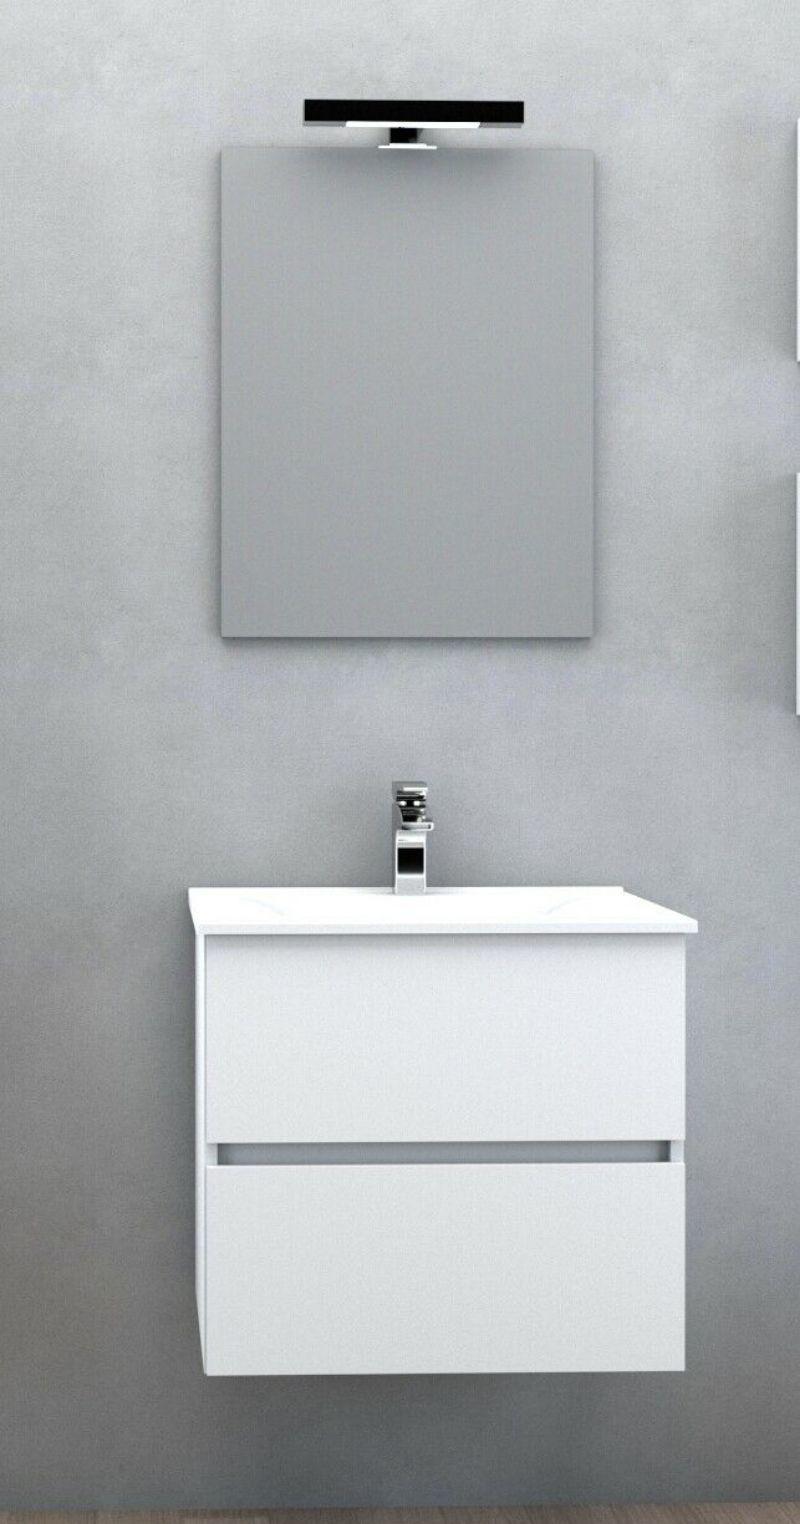 composizione-bagno-monya-da-60cm-mobile-lavabo-specchio-e-lampada-led